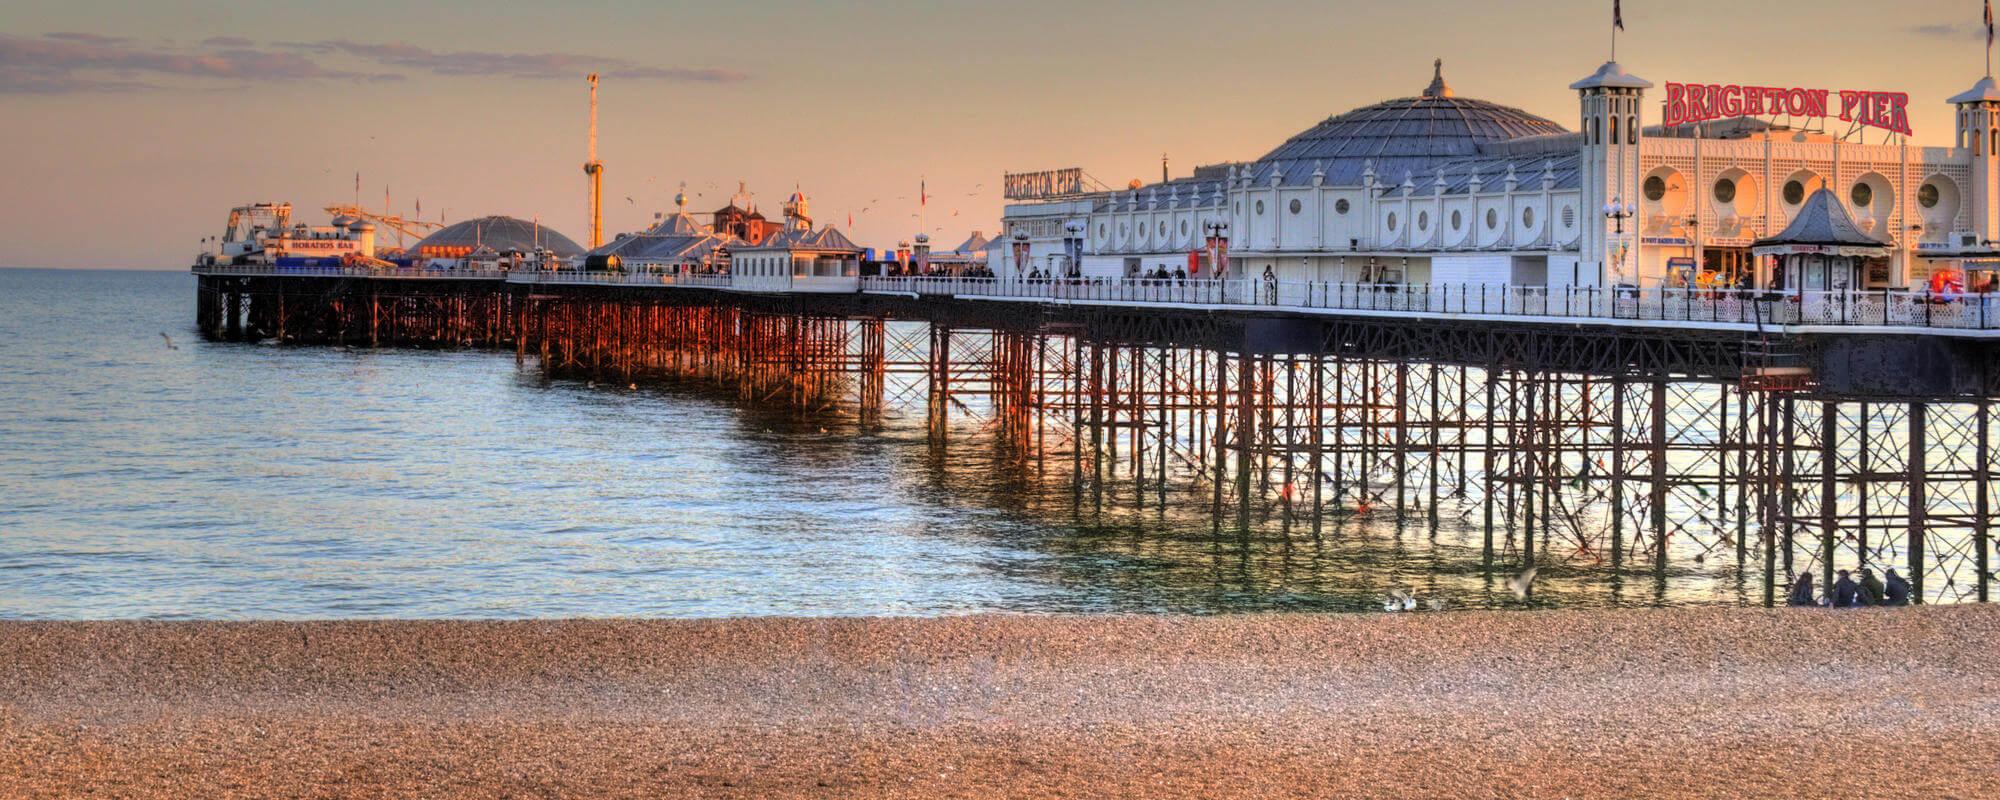 Brighton mete gay friendly